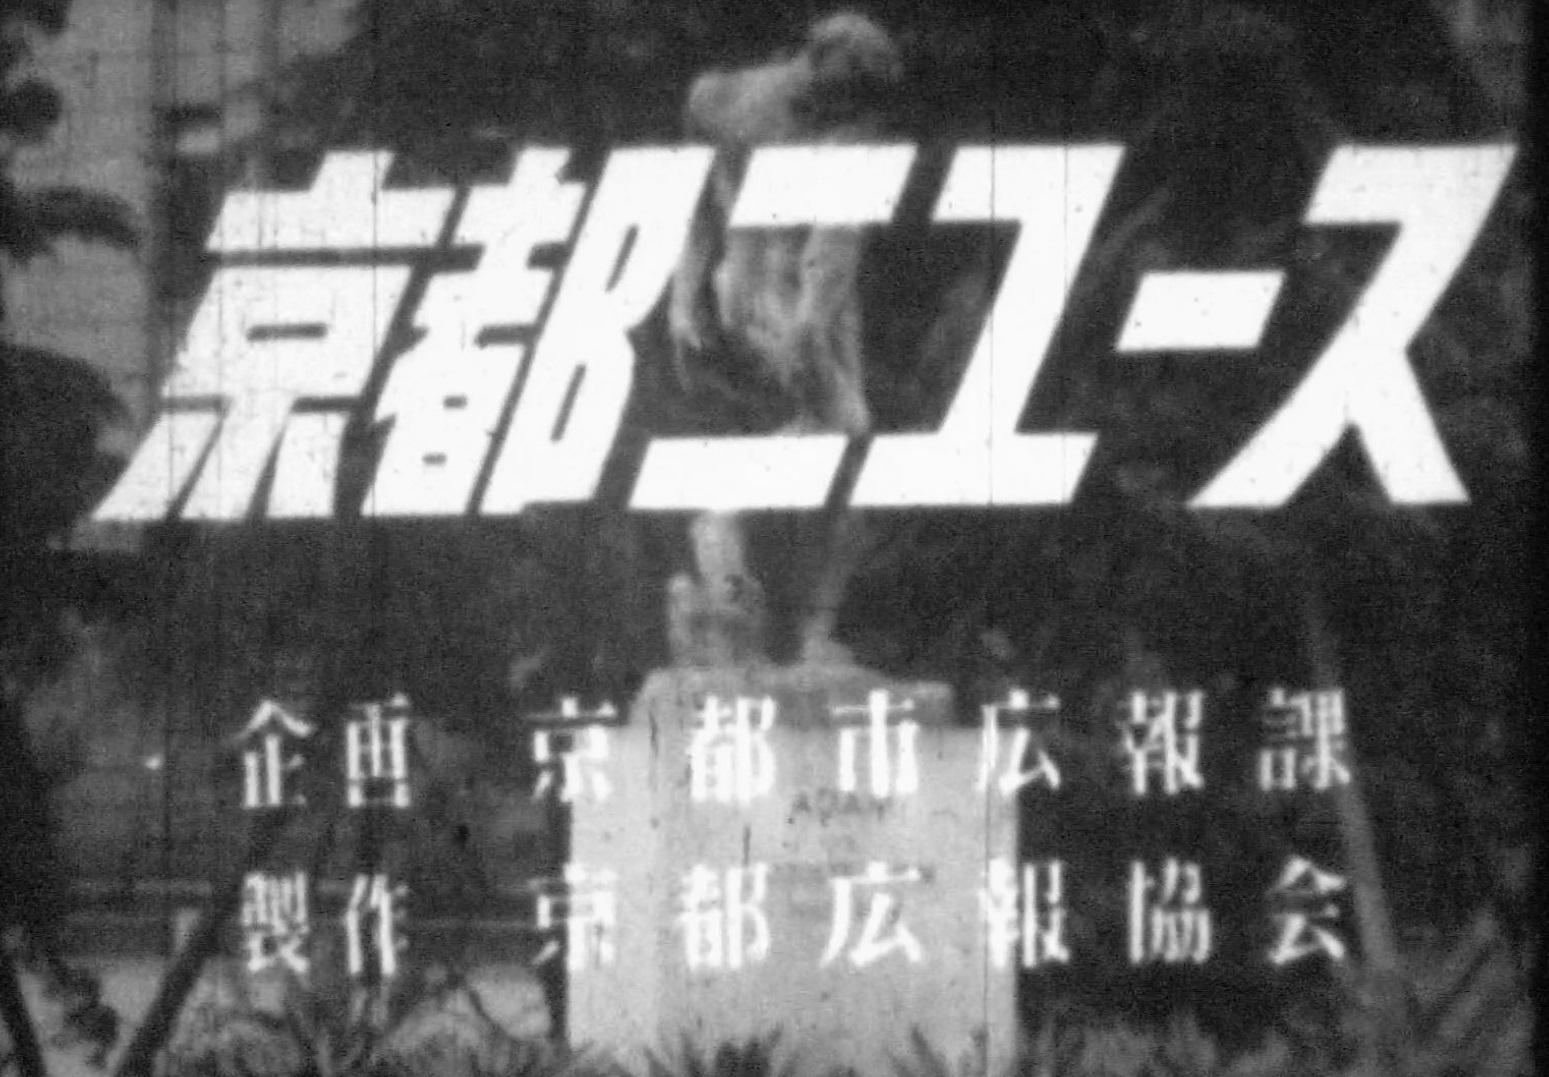 京都ニュース」No.2 昭和31(1956)年|1956|京都ニュース|おもちゃ ...